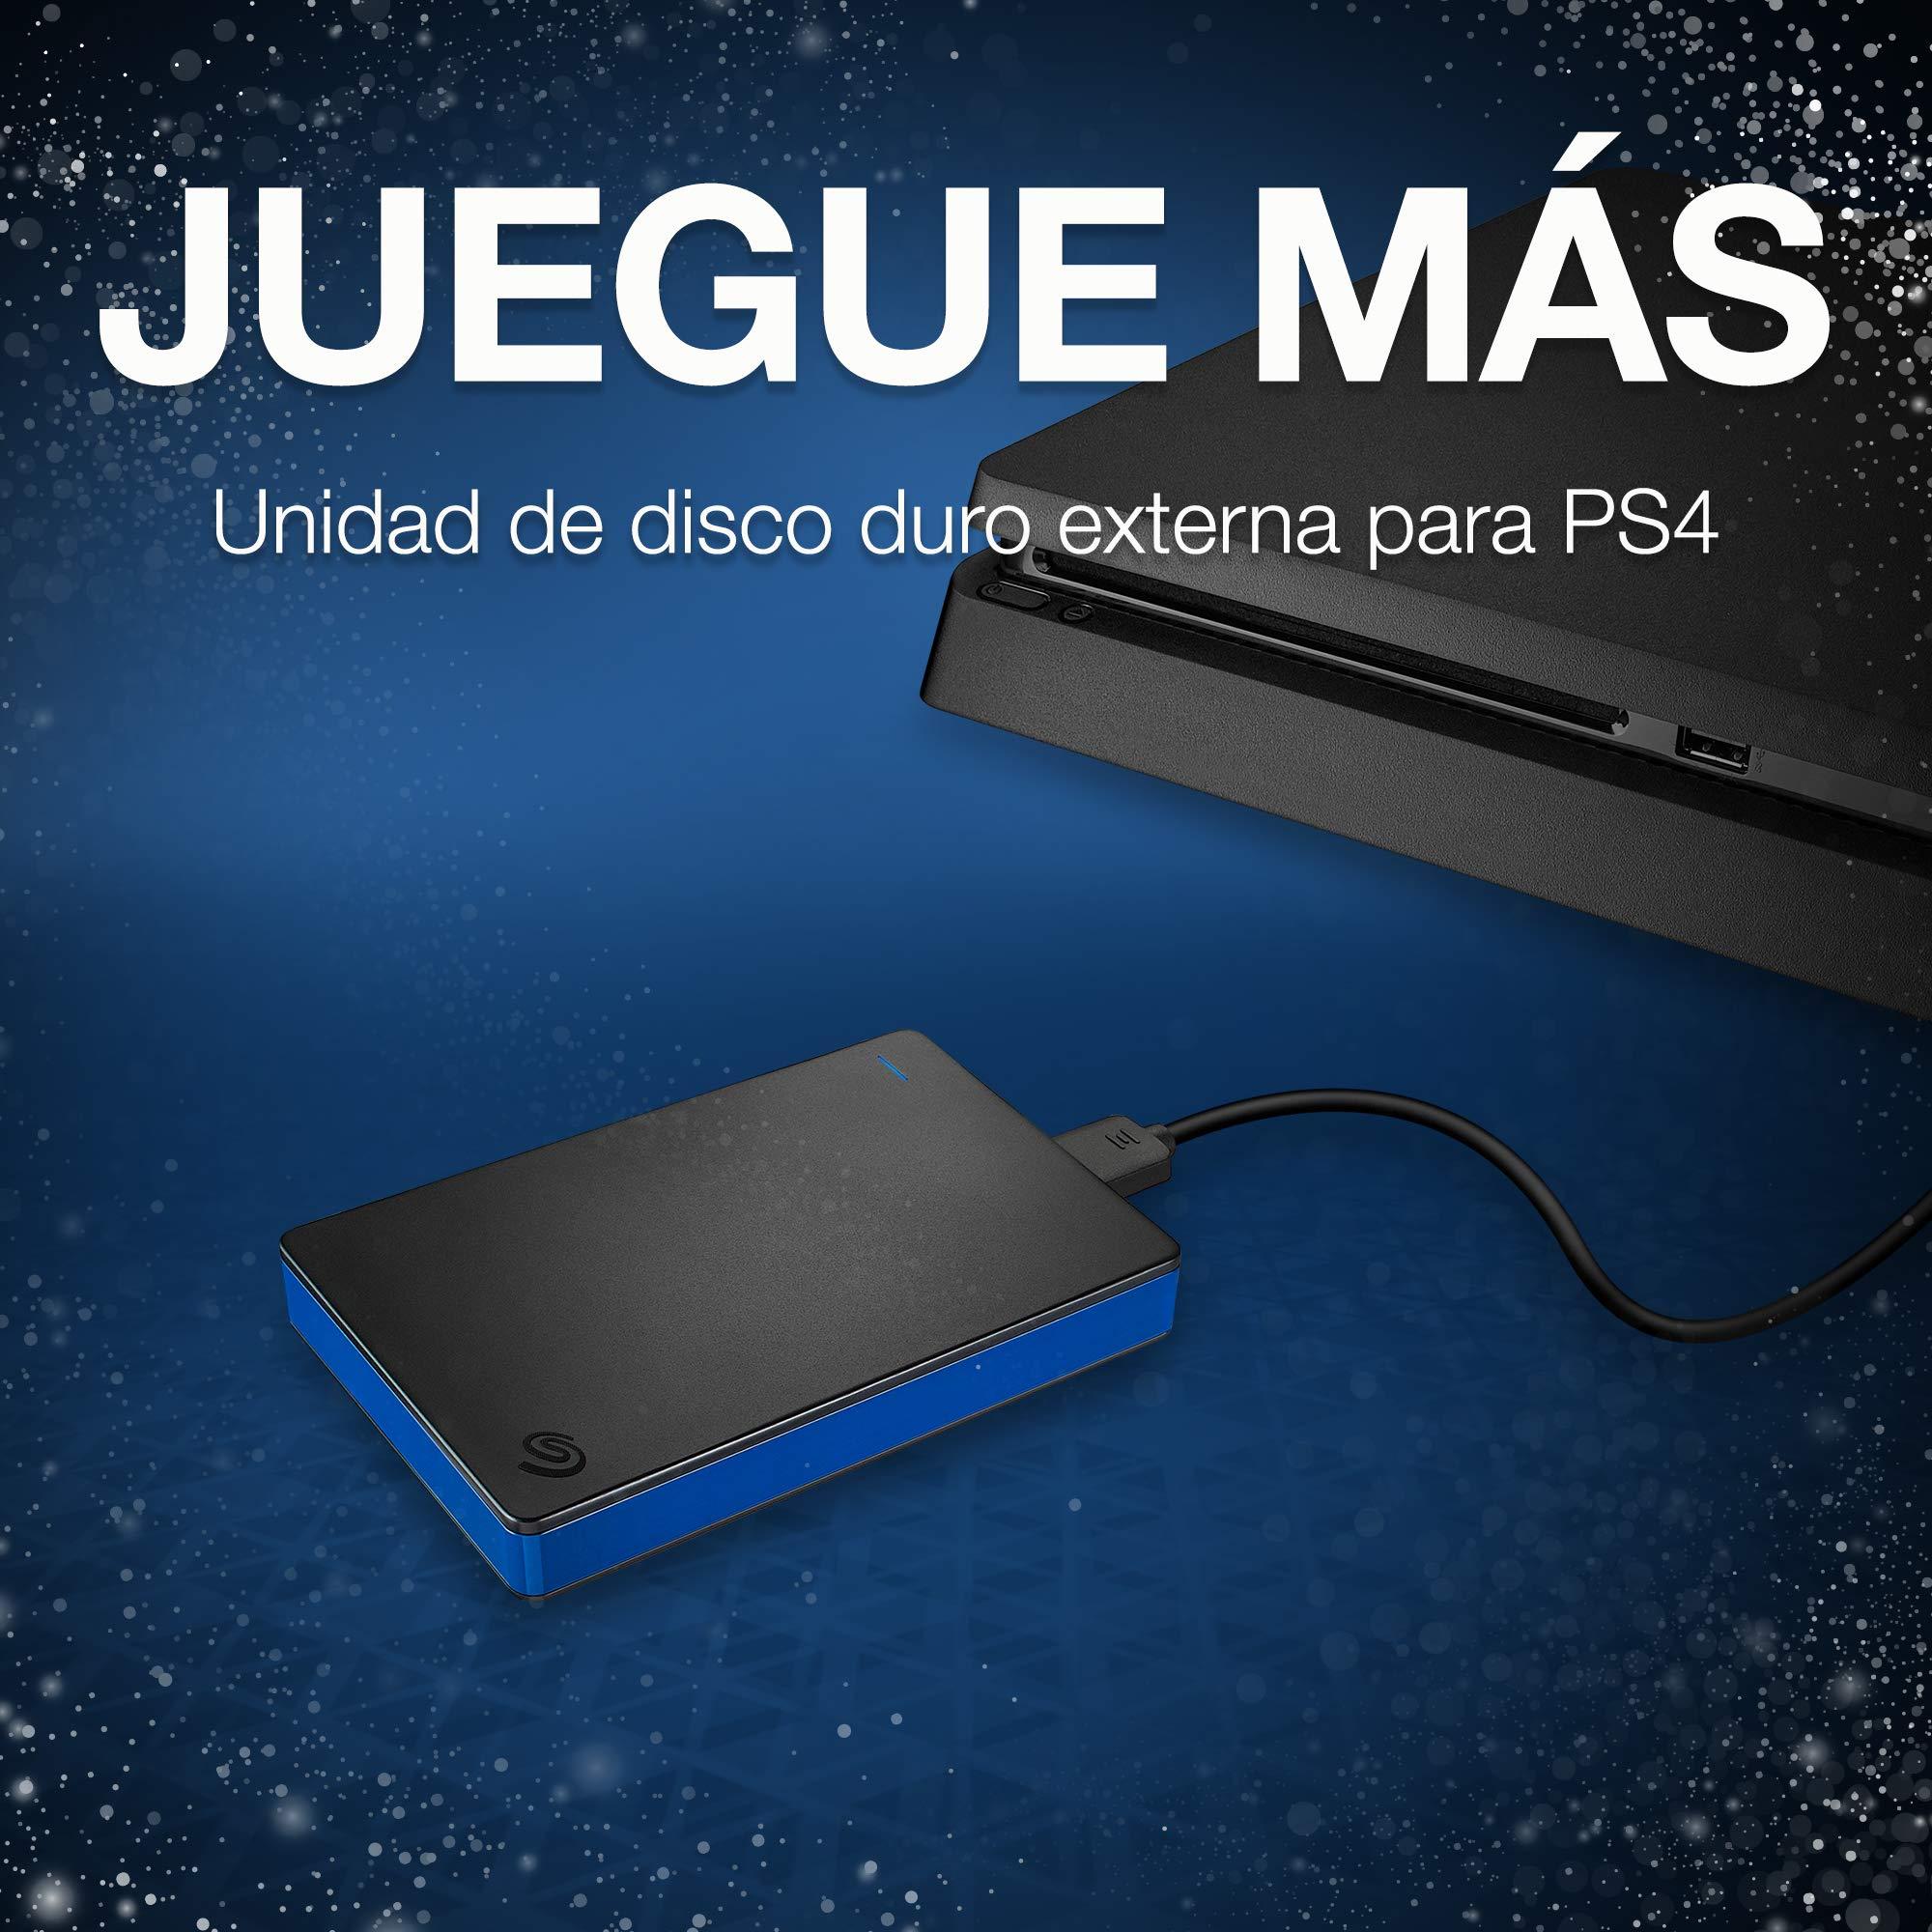 Seagate Game Drive, 1 TB, Disco duro externo, HDD portátil, compatible con PS4 (STGD1000100): Seagate: Amazon.es: Informática